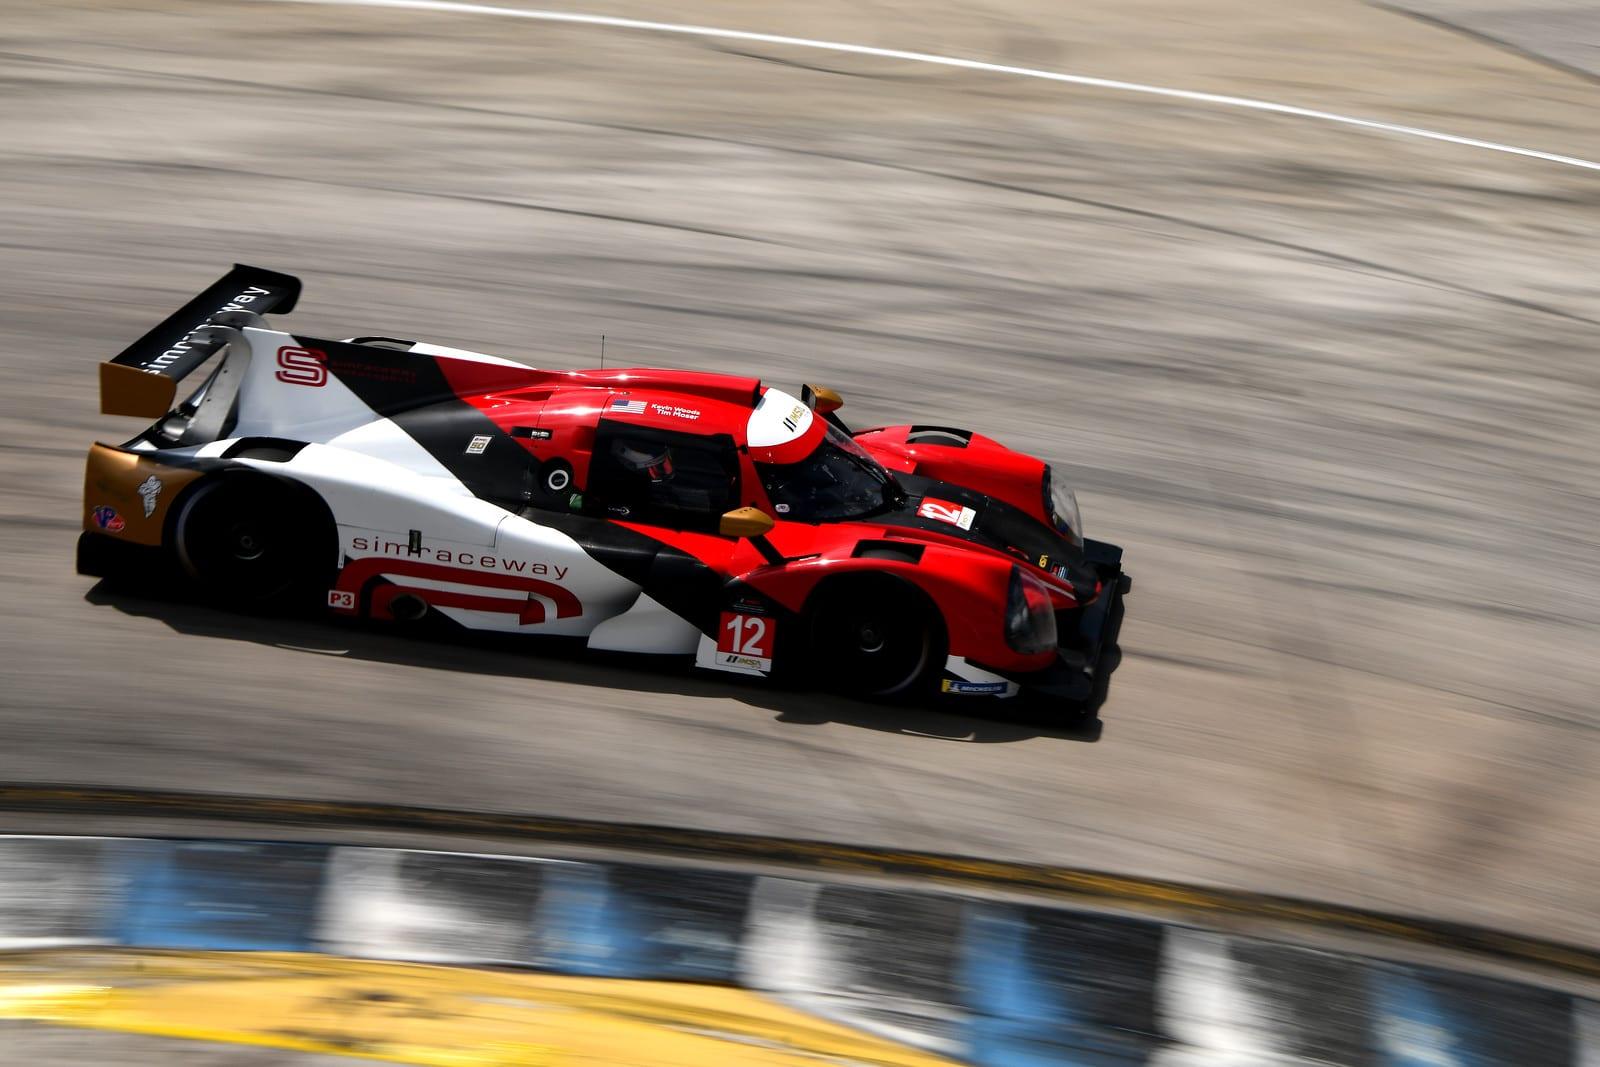 Ligier LMP3 around a corner